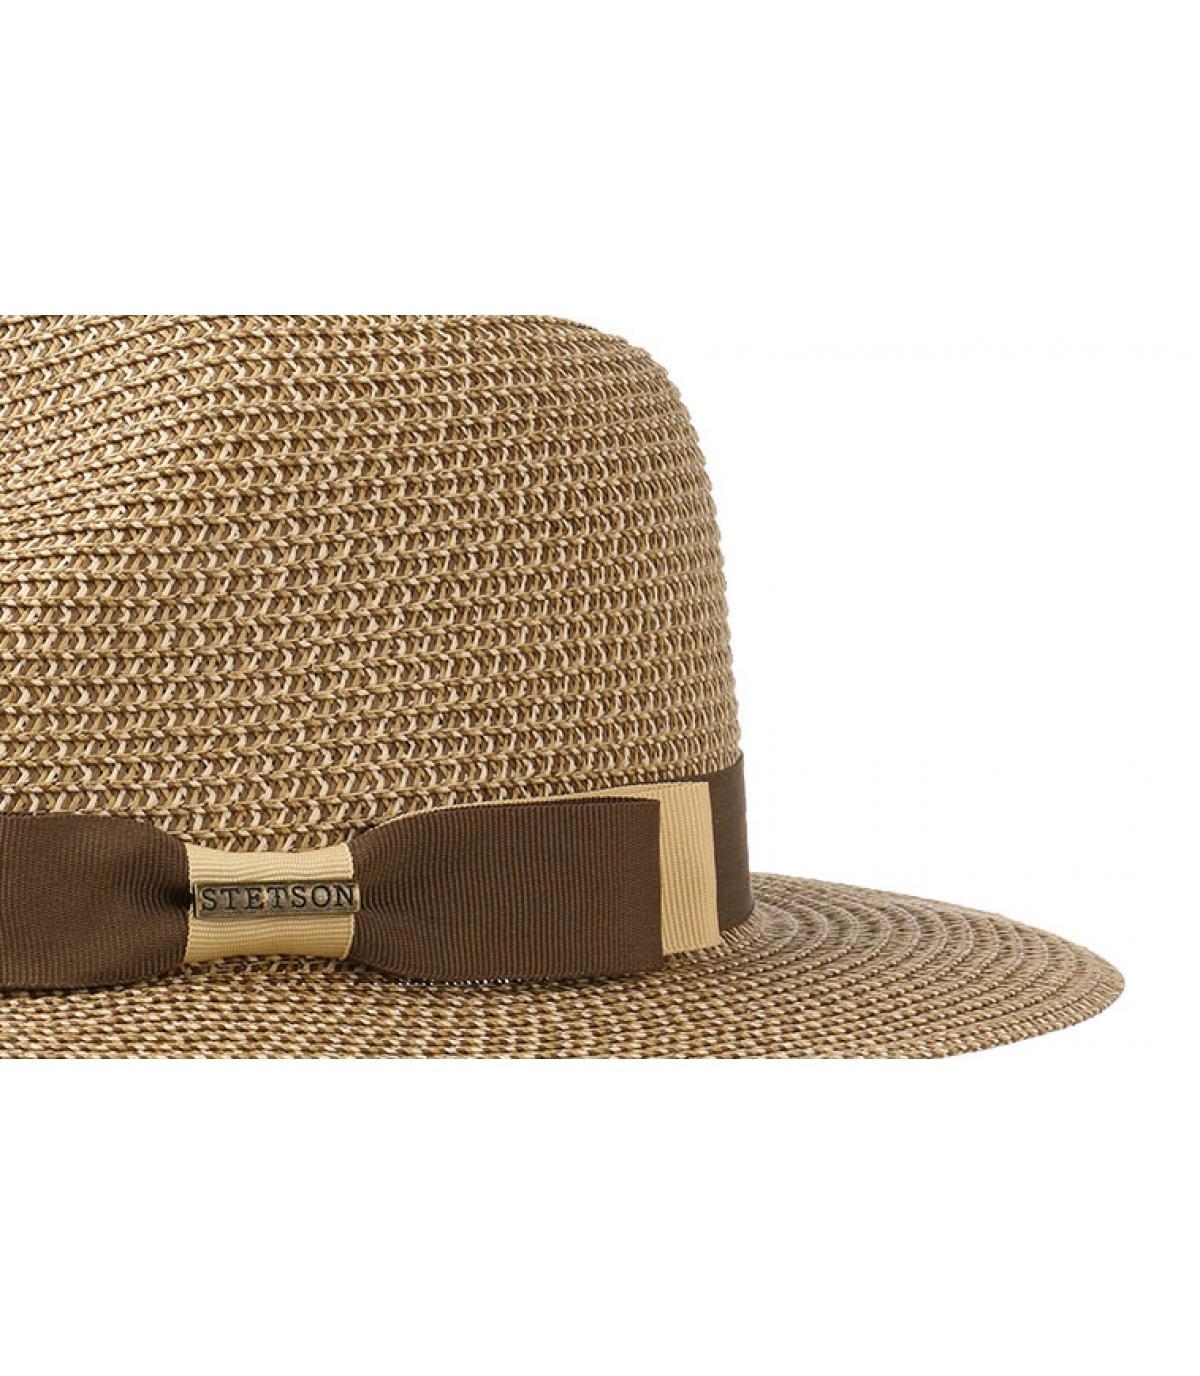 Détails Traveller toyo braid brown beige - image 3